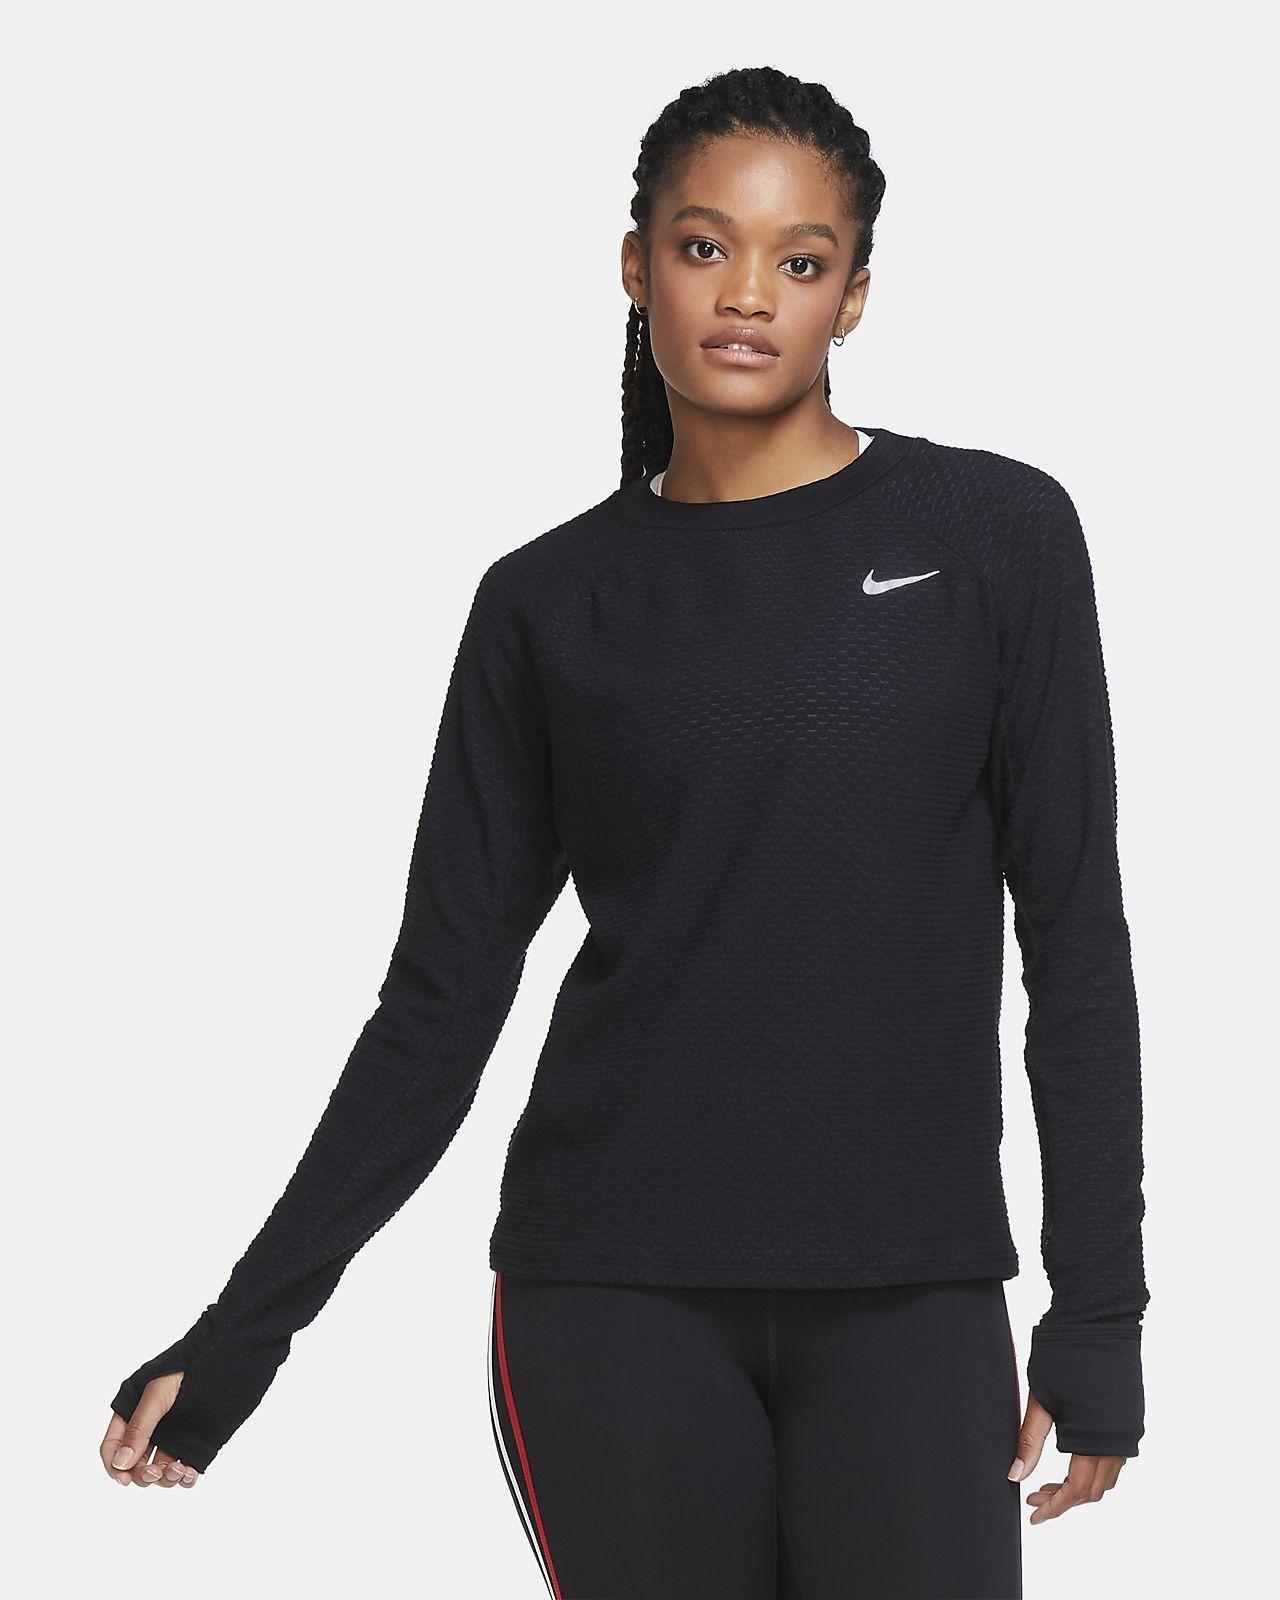 Nike Sphere Women's Running Crew